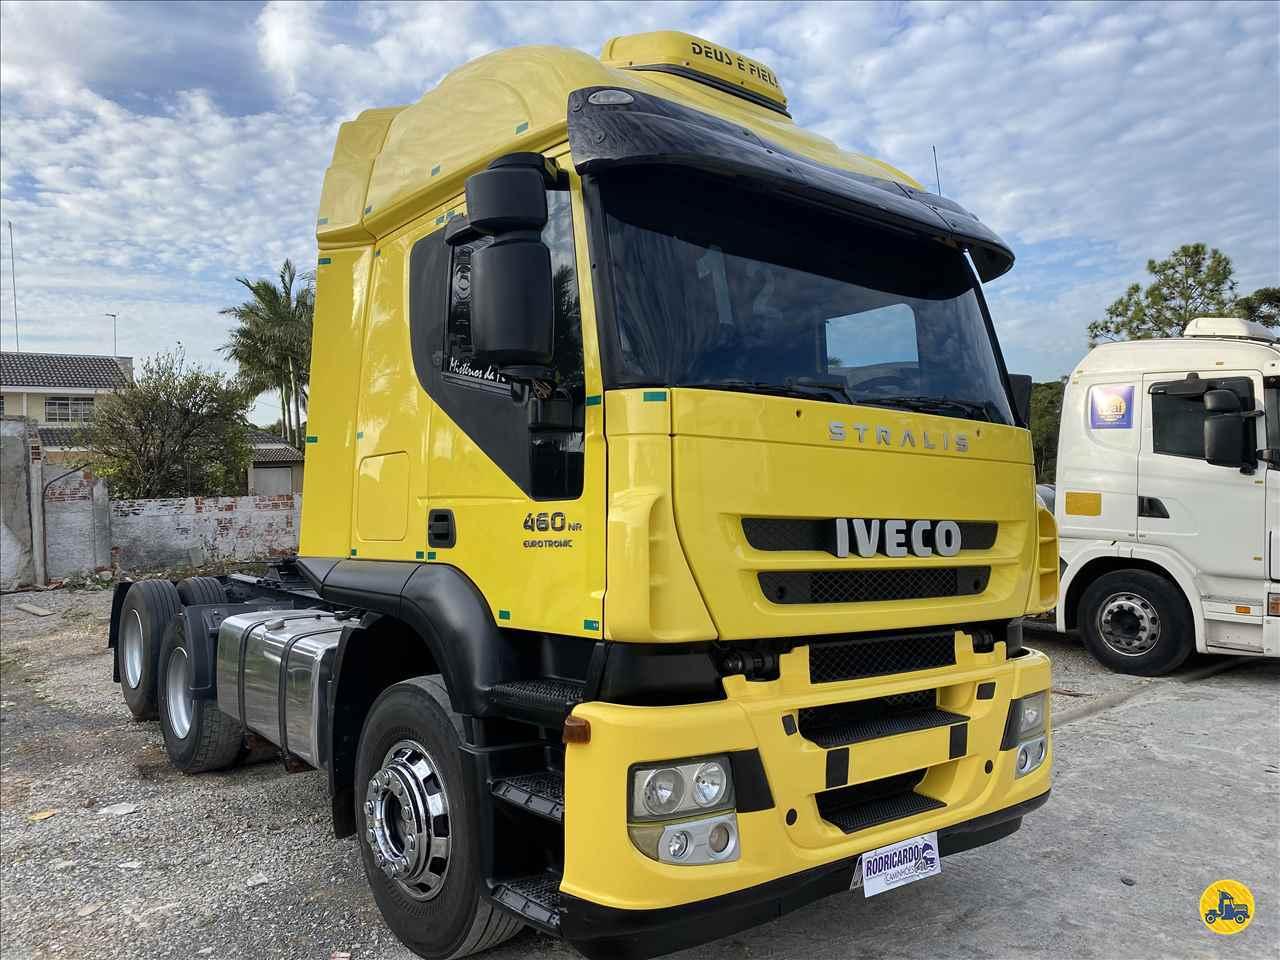 CAMINHAO IVECO STRALIS 460 Cavalo Mecânico Truck 6x2 Rodricardo Caminhões COLOMBO PARANÁ PR